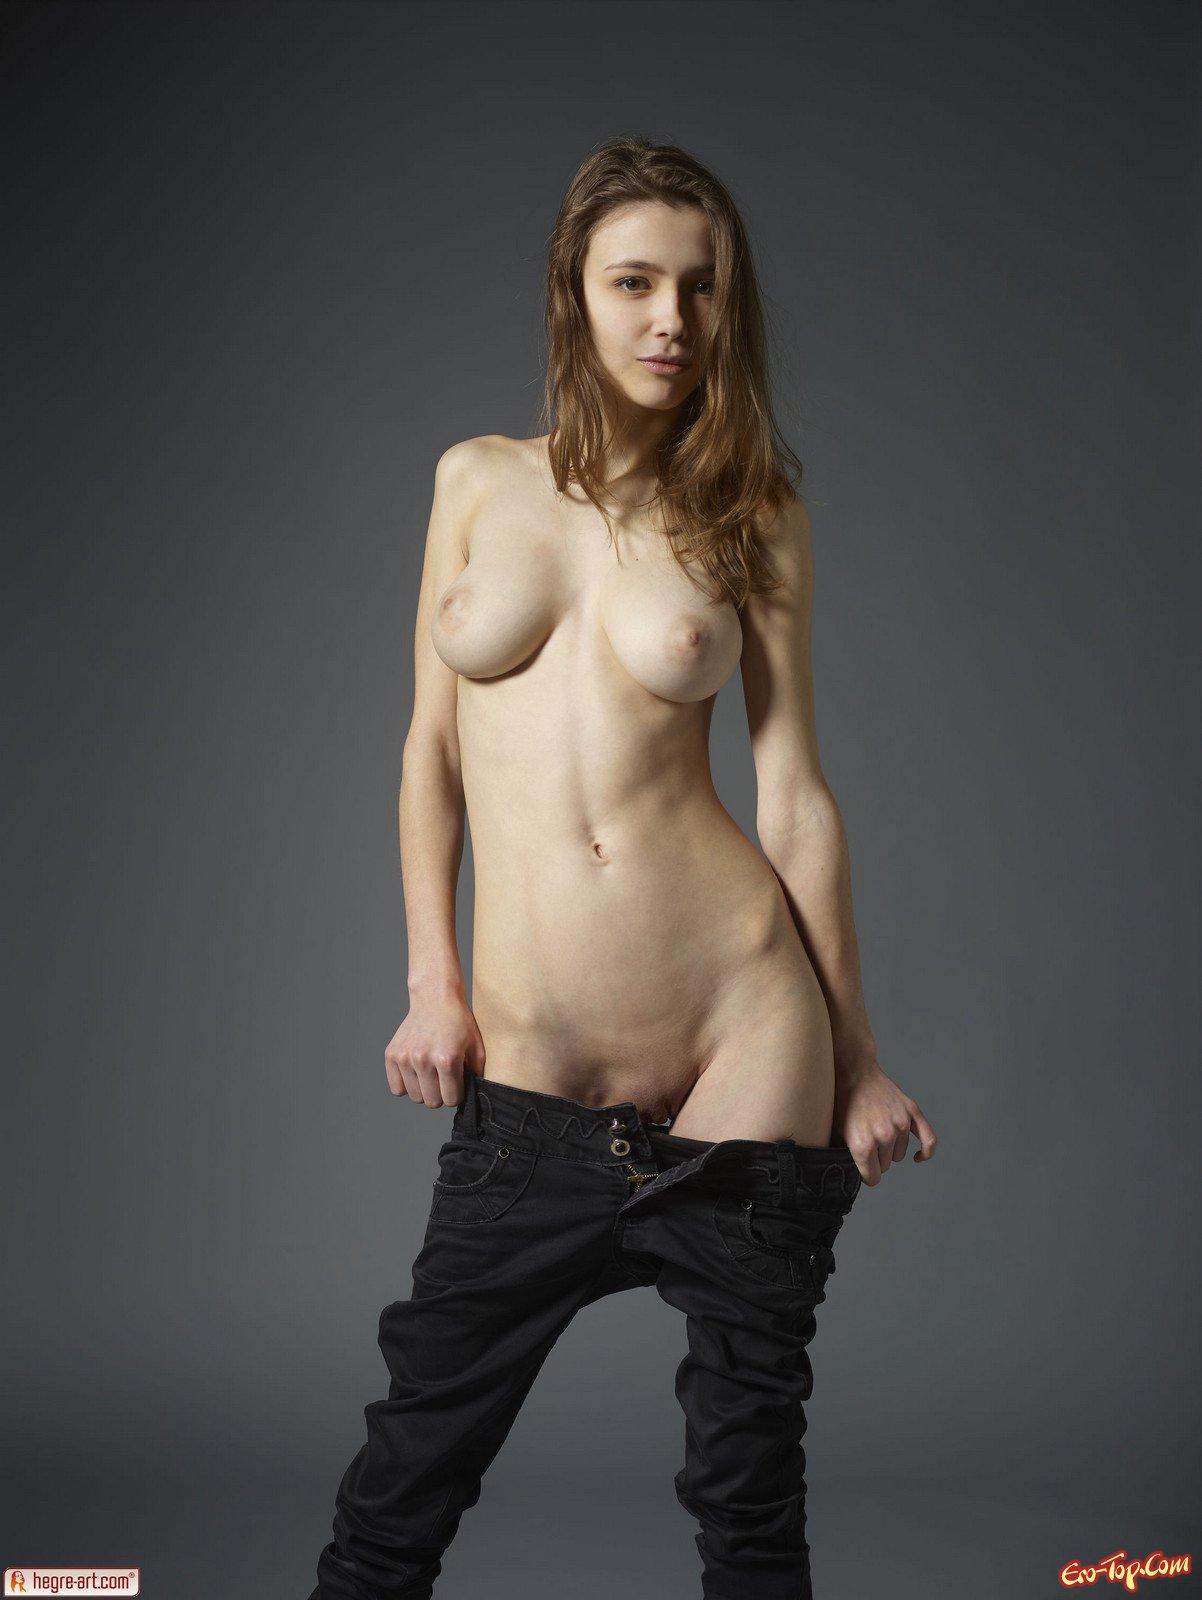 Смотреть бесплатно онлайн порно видео порно ролики порно